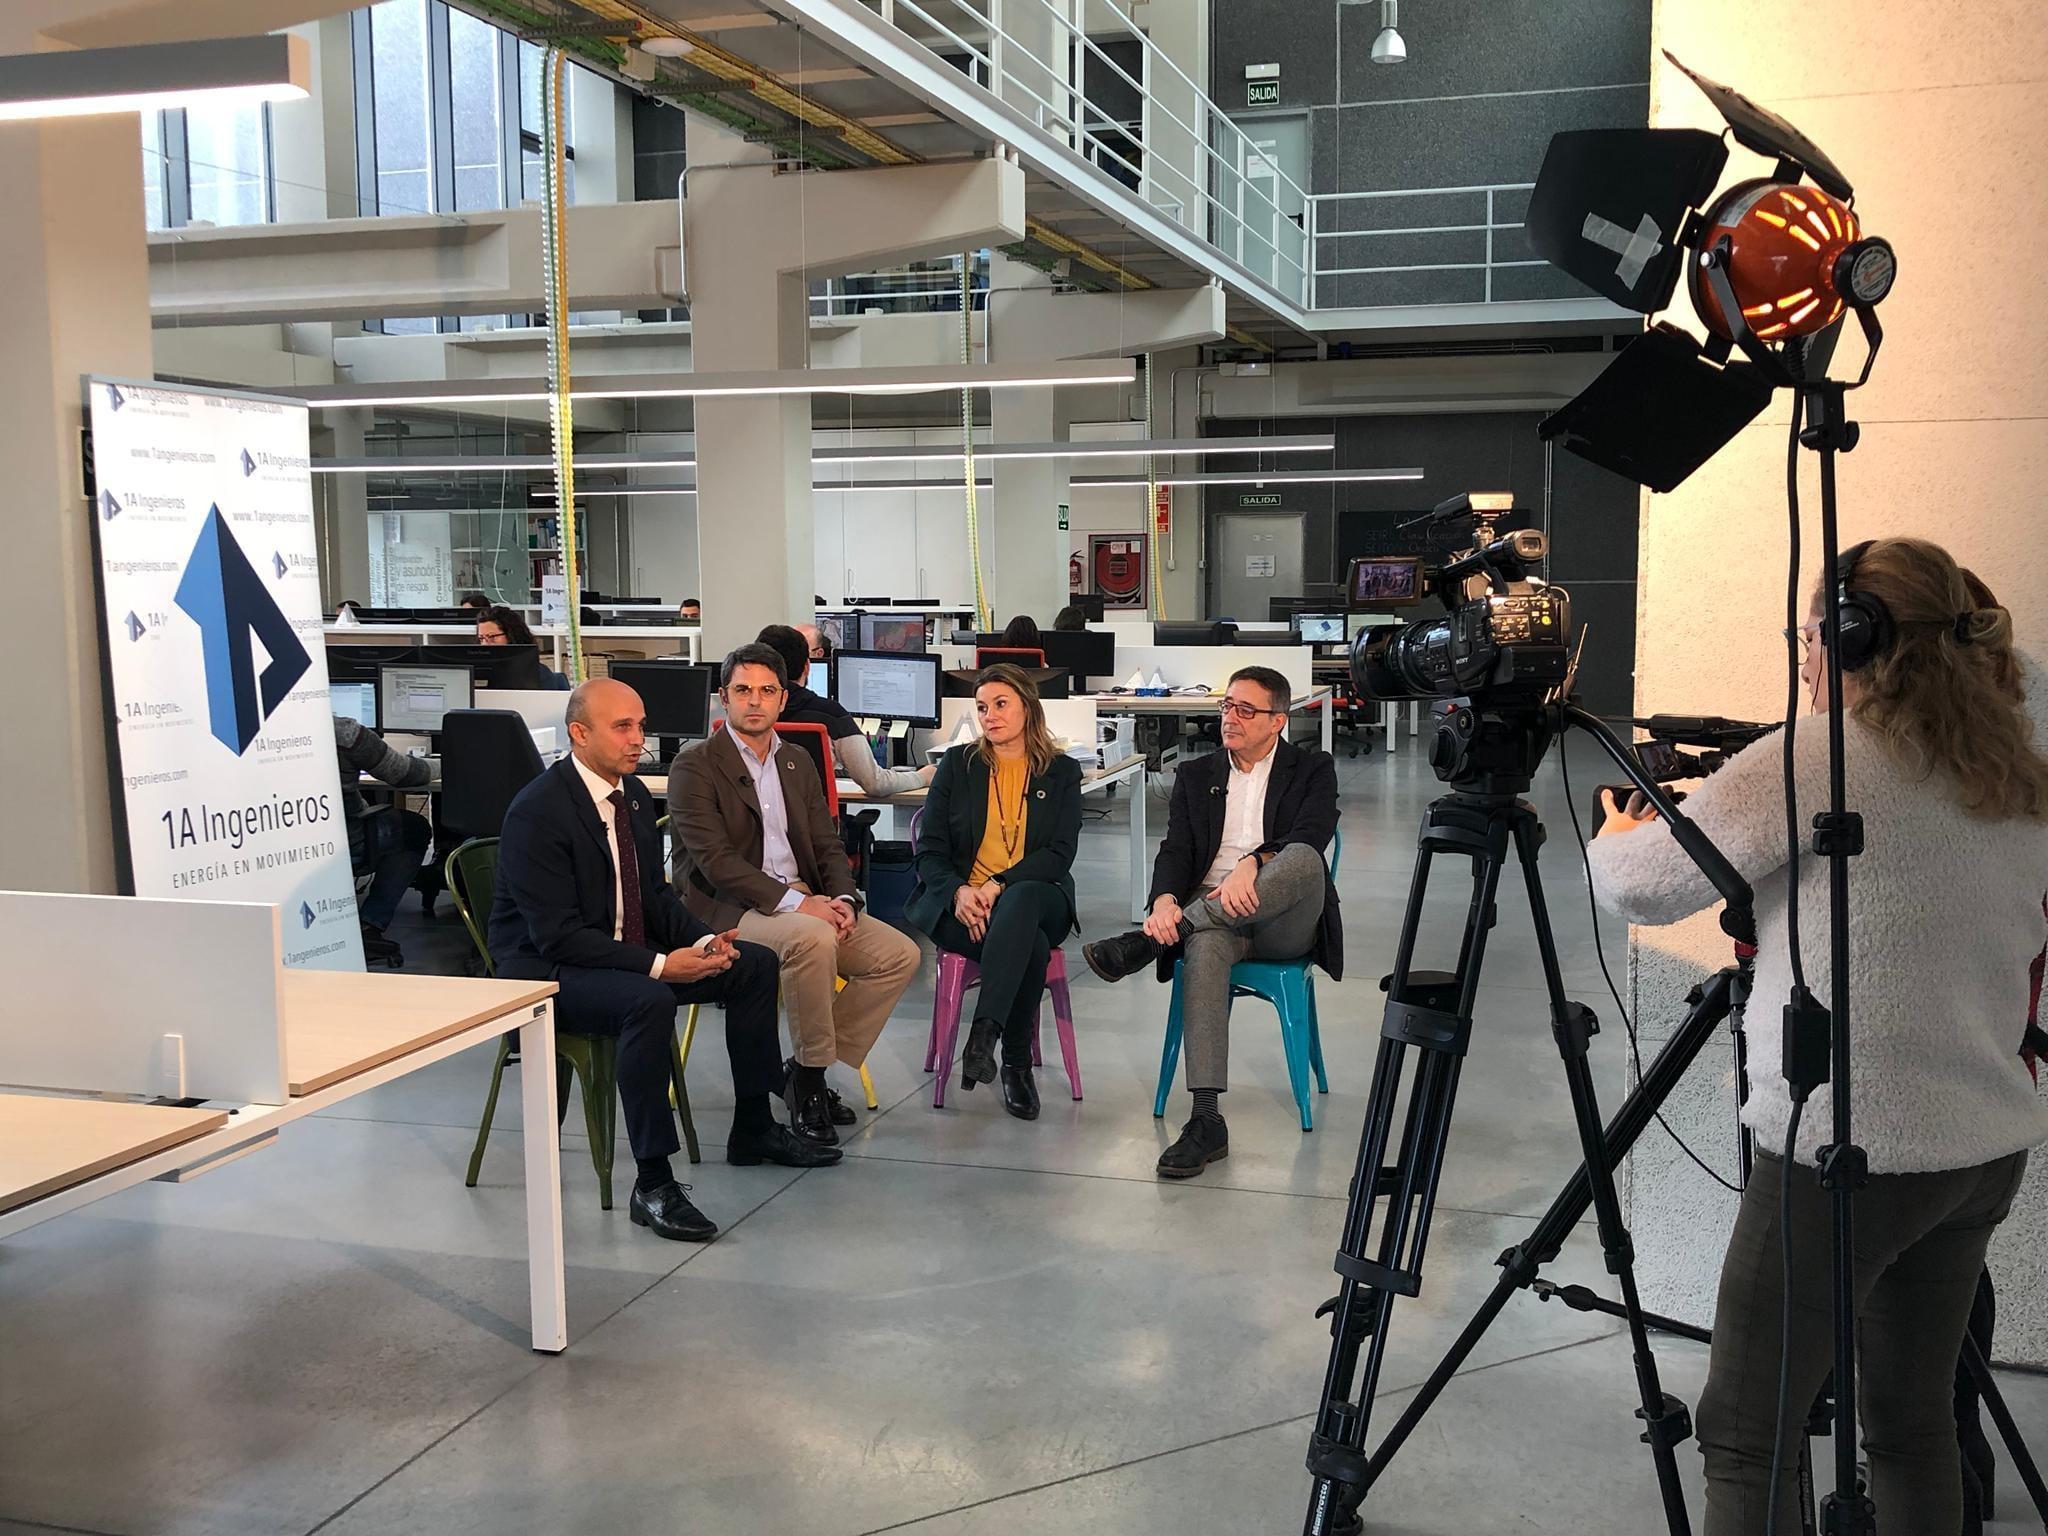 Absotec participa junto con AEICE en el programa sobre innovación y colaboración para RTVCyL